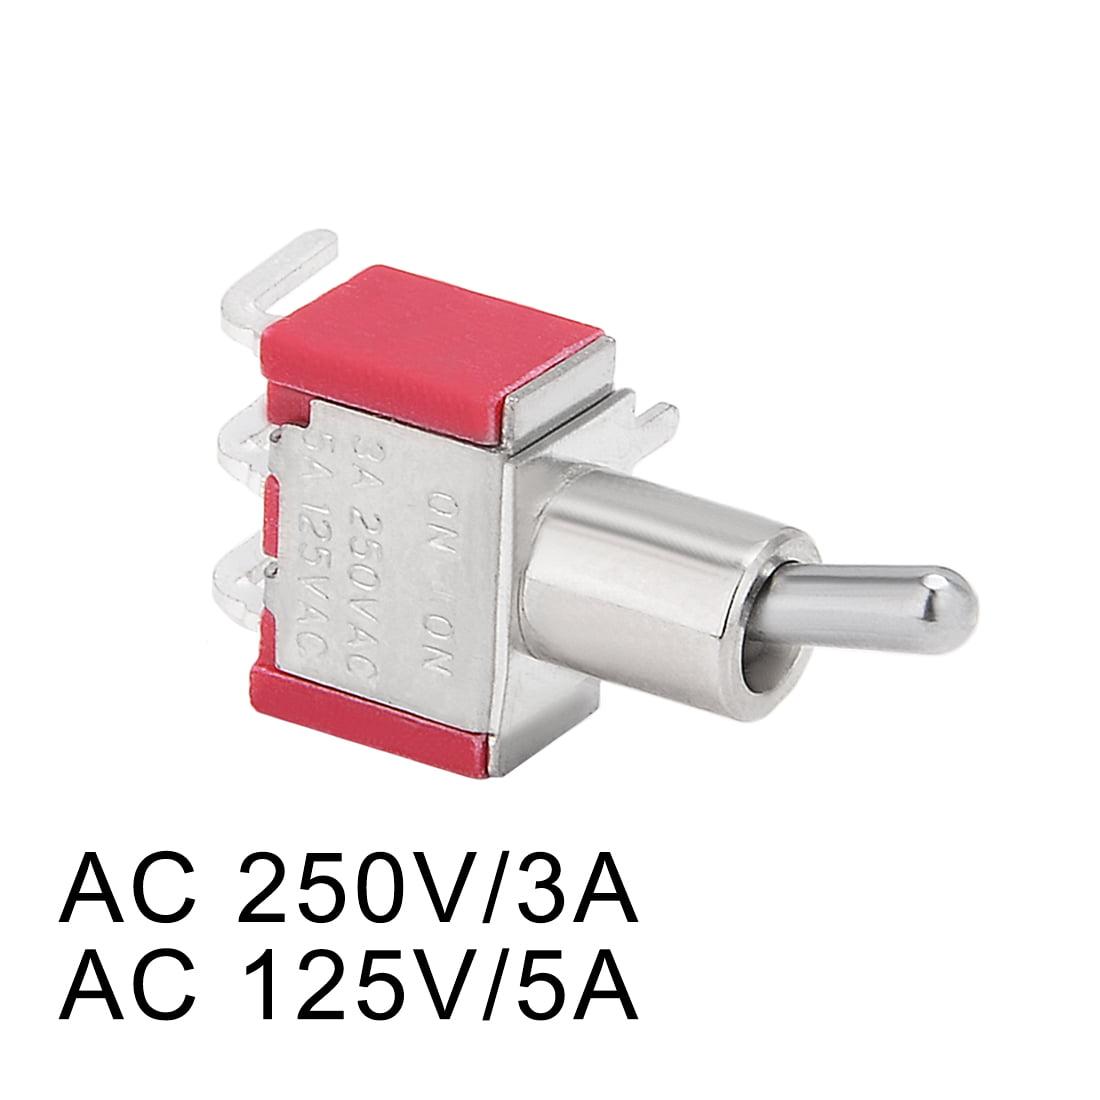 AC 250V/3A 125V/5A ON/ON SPDT interrupteur à bascule ton argent bornes angle droit - image 1 de 4